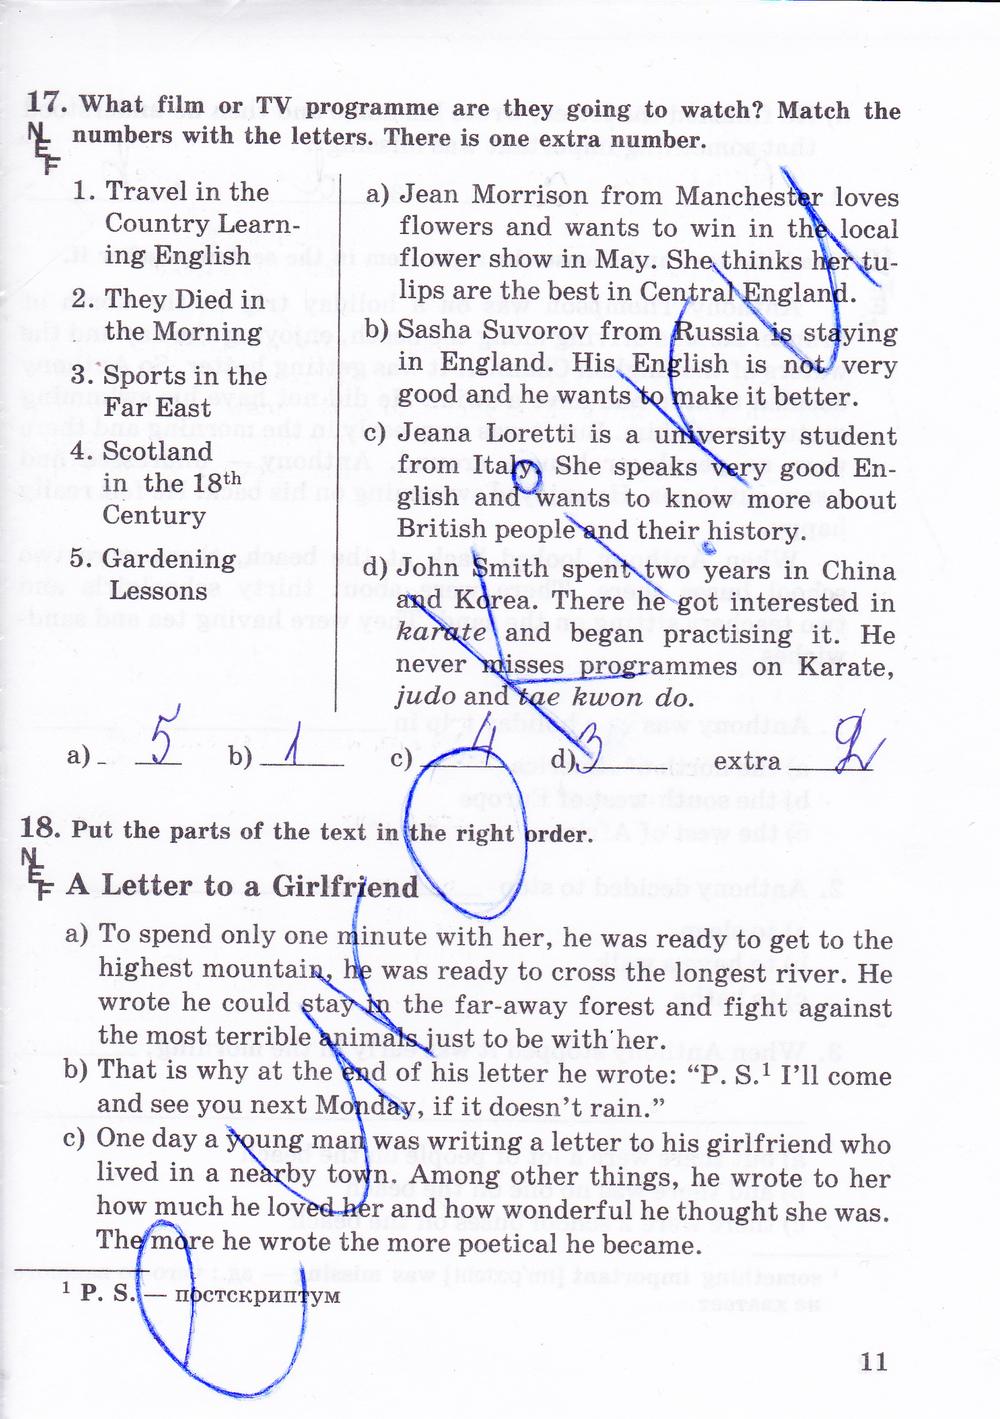 Гдз по английскому 7 класс михеева,баранова рабочая тетрадь